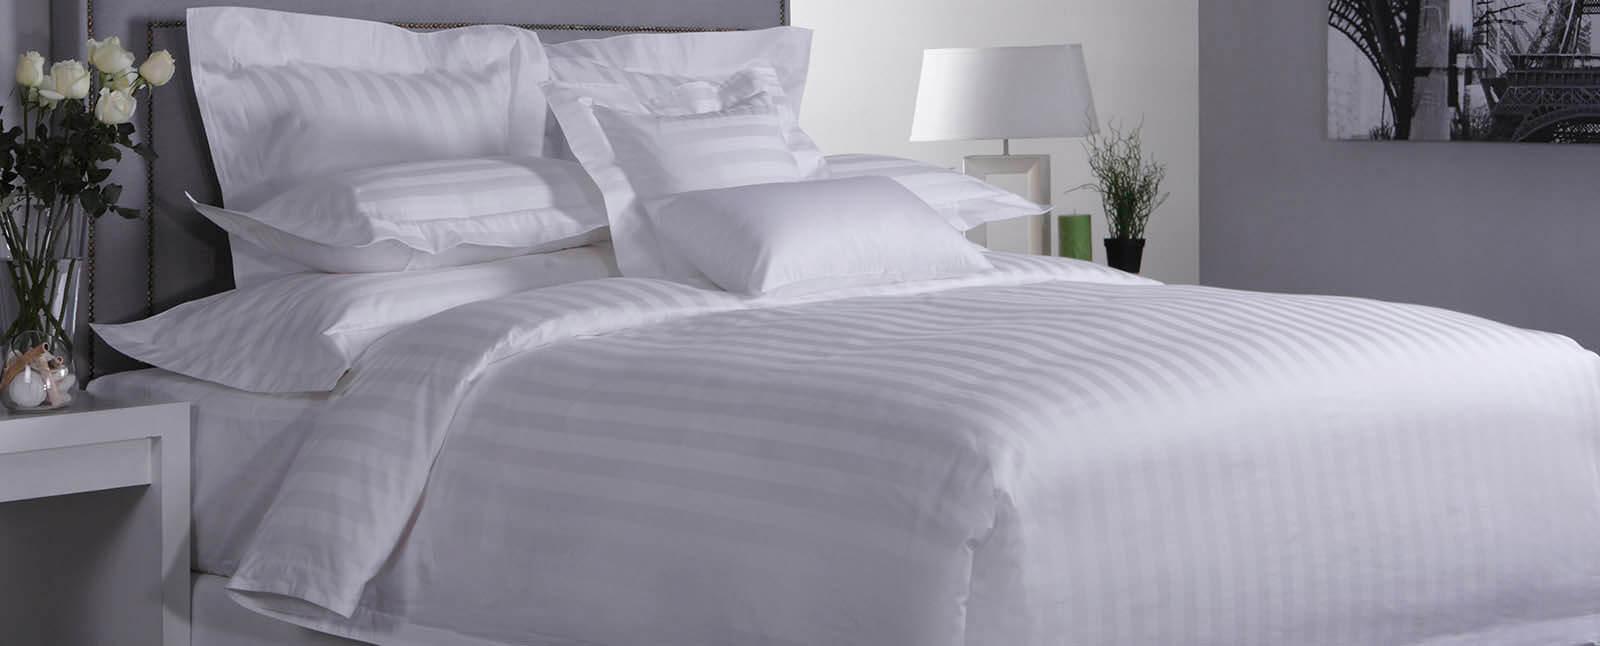 Wholesale Hotel Textiles   Jante Textile   Woven Fabrics